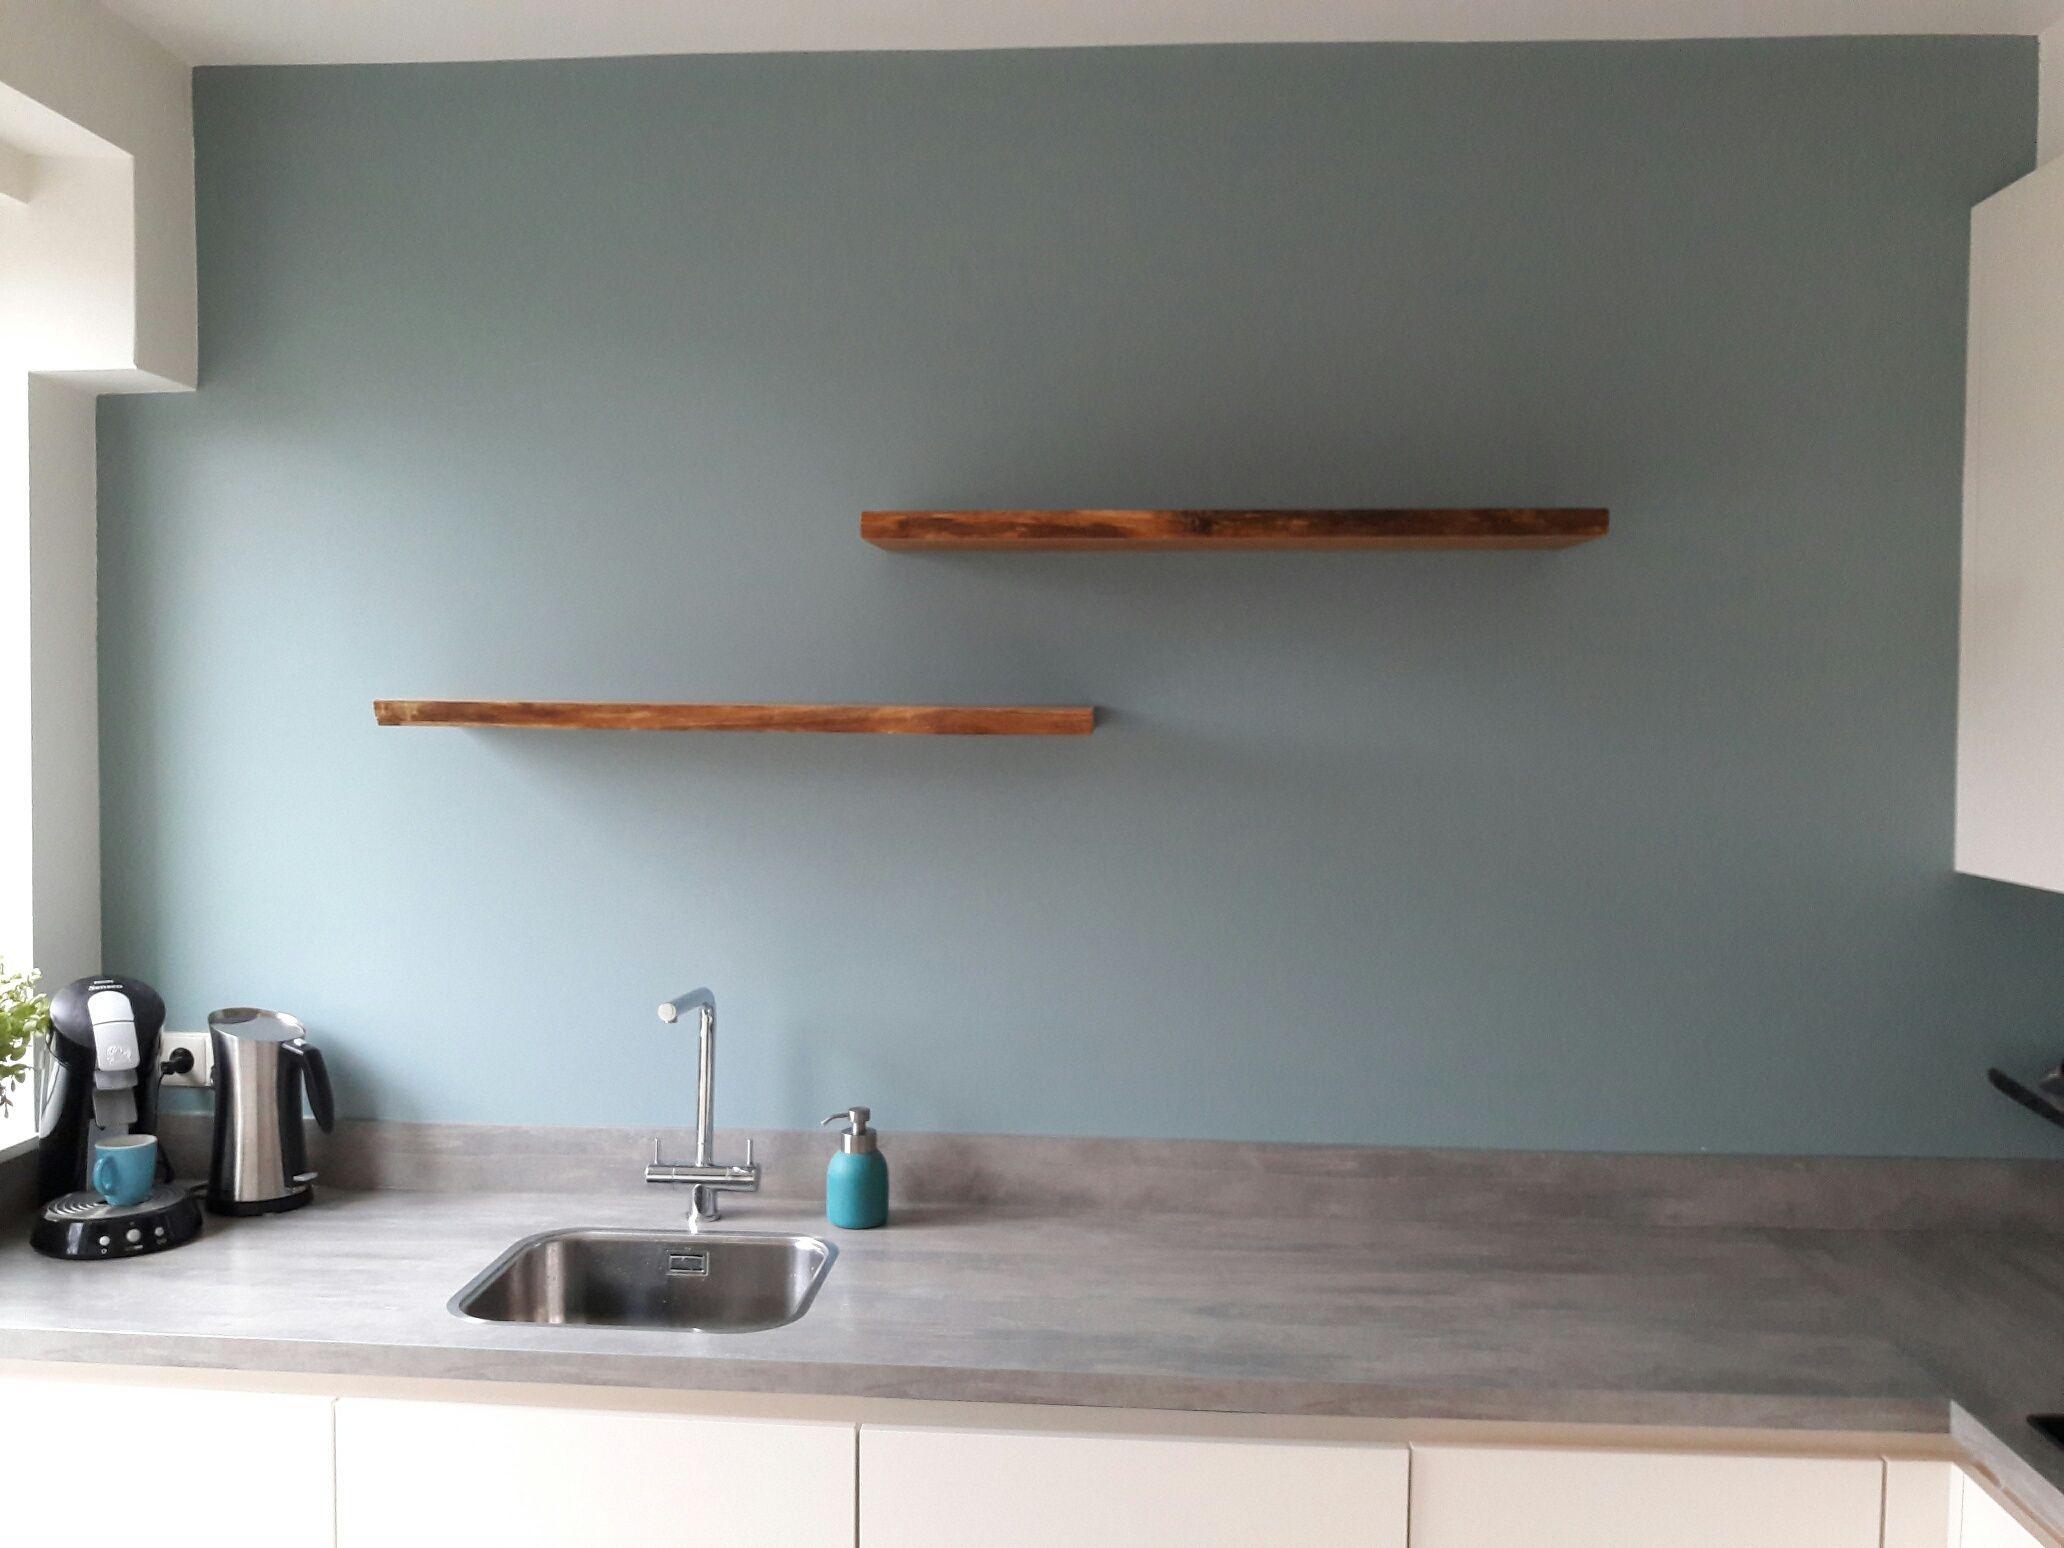 Een houten wandplank kun je zwevend aan de muur bevestigen. Het ...